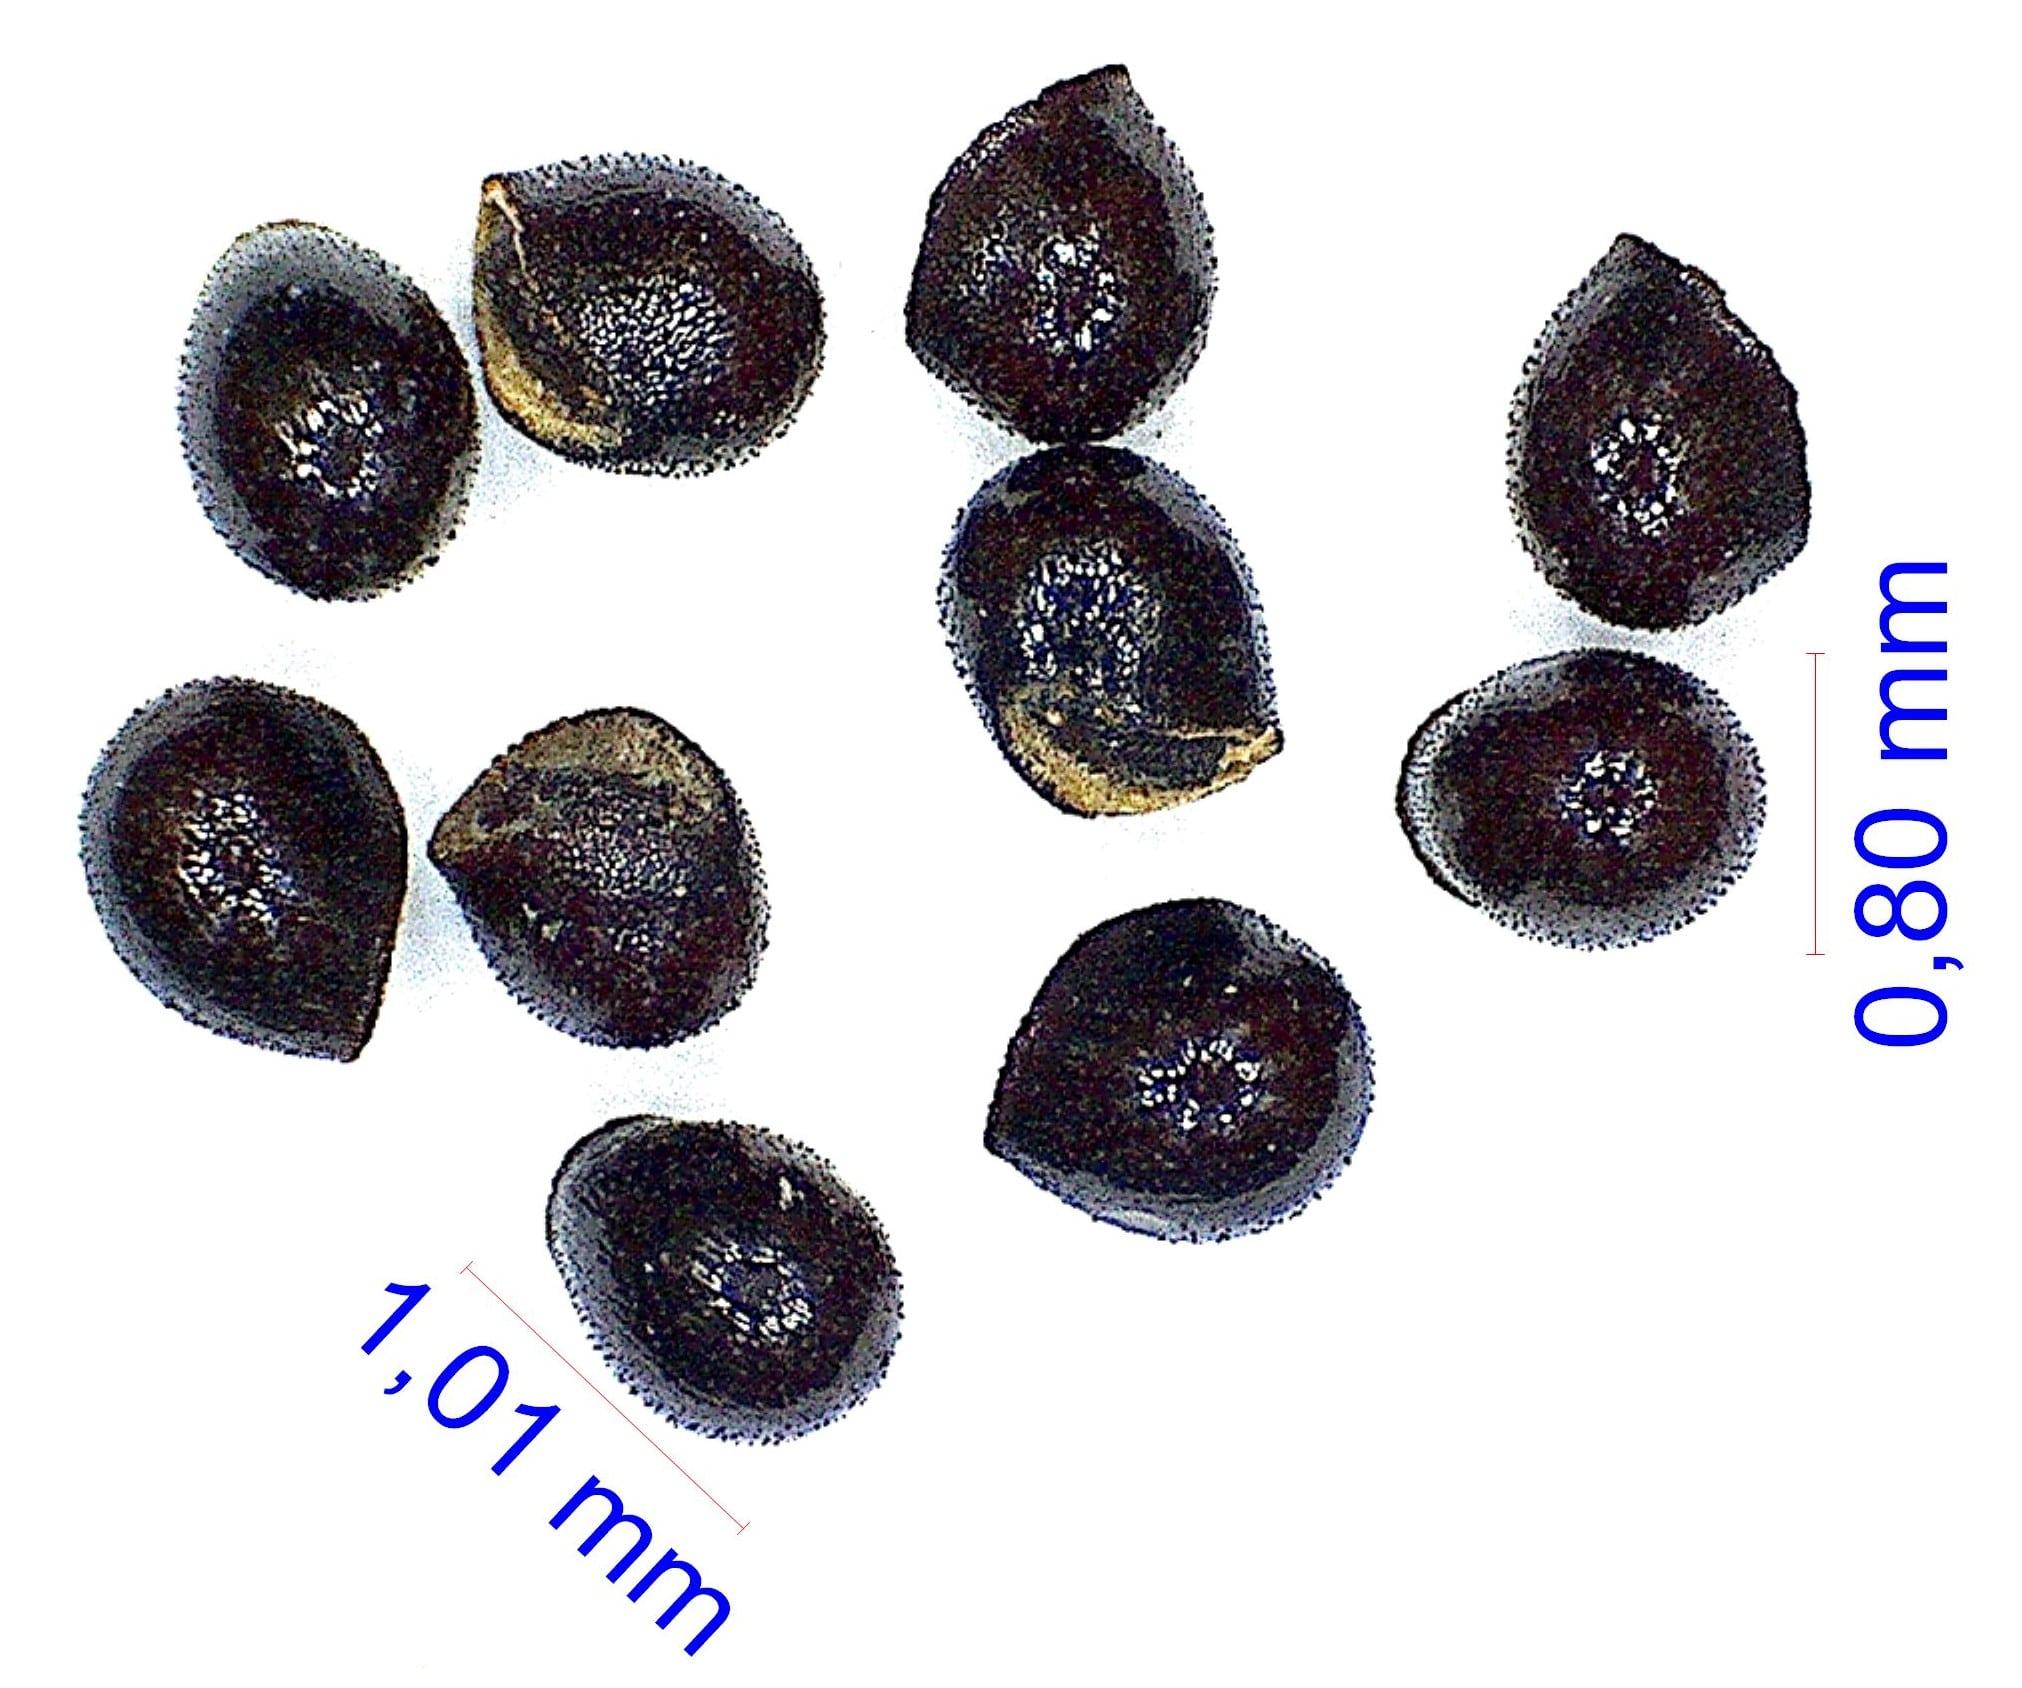 Gymnocalycium esperanzae WP 315-737. © Joël Lodé/cactus-aventures.com